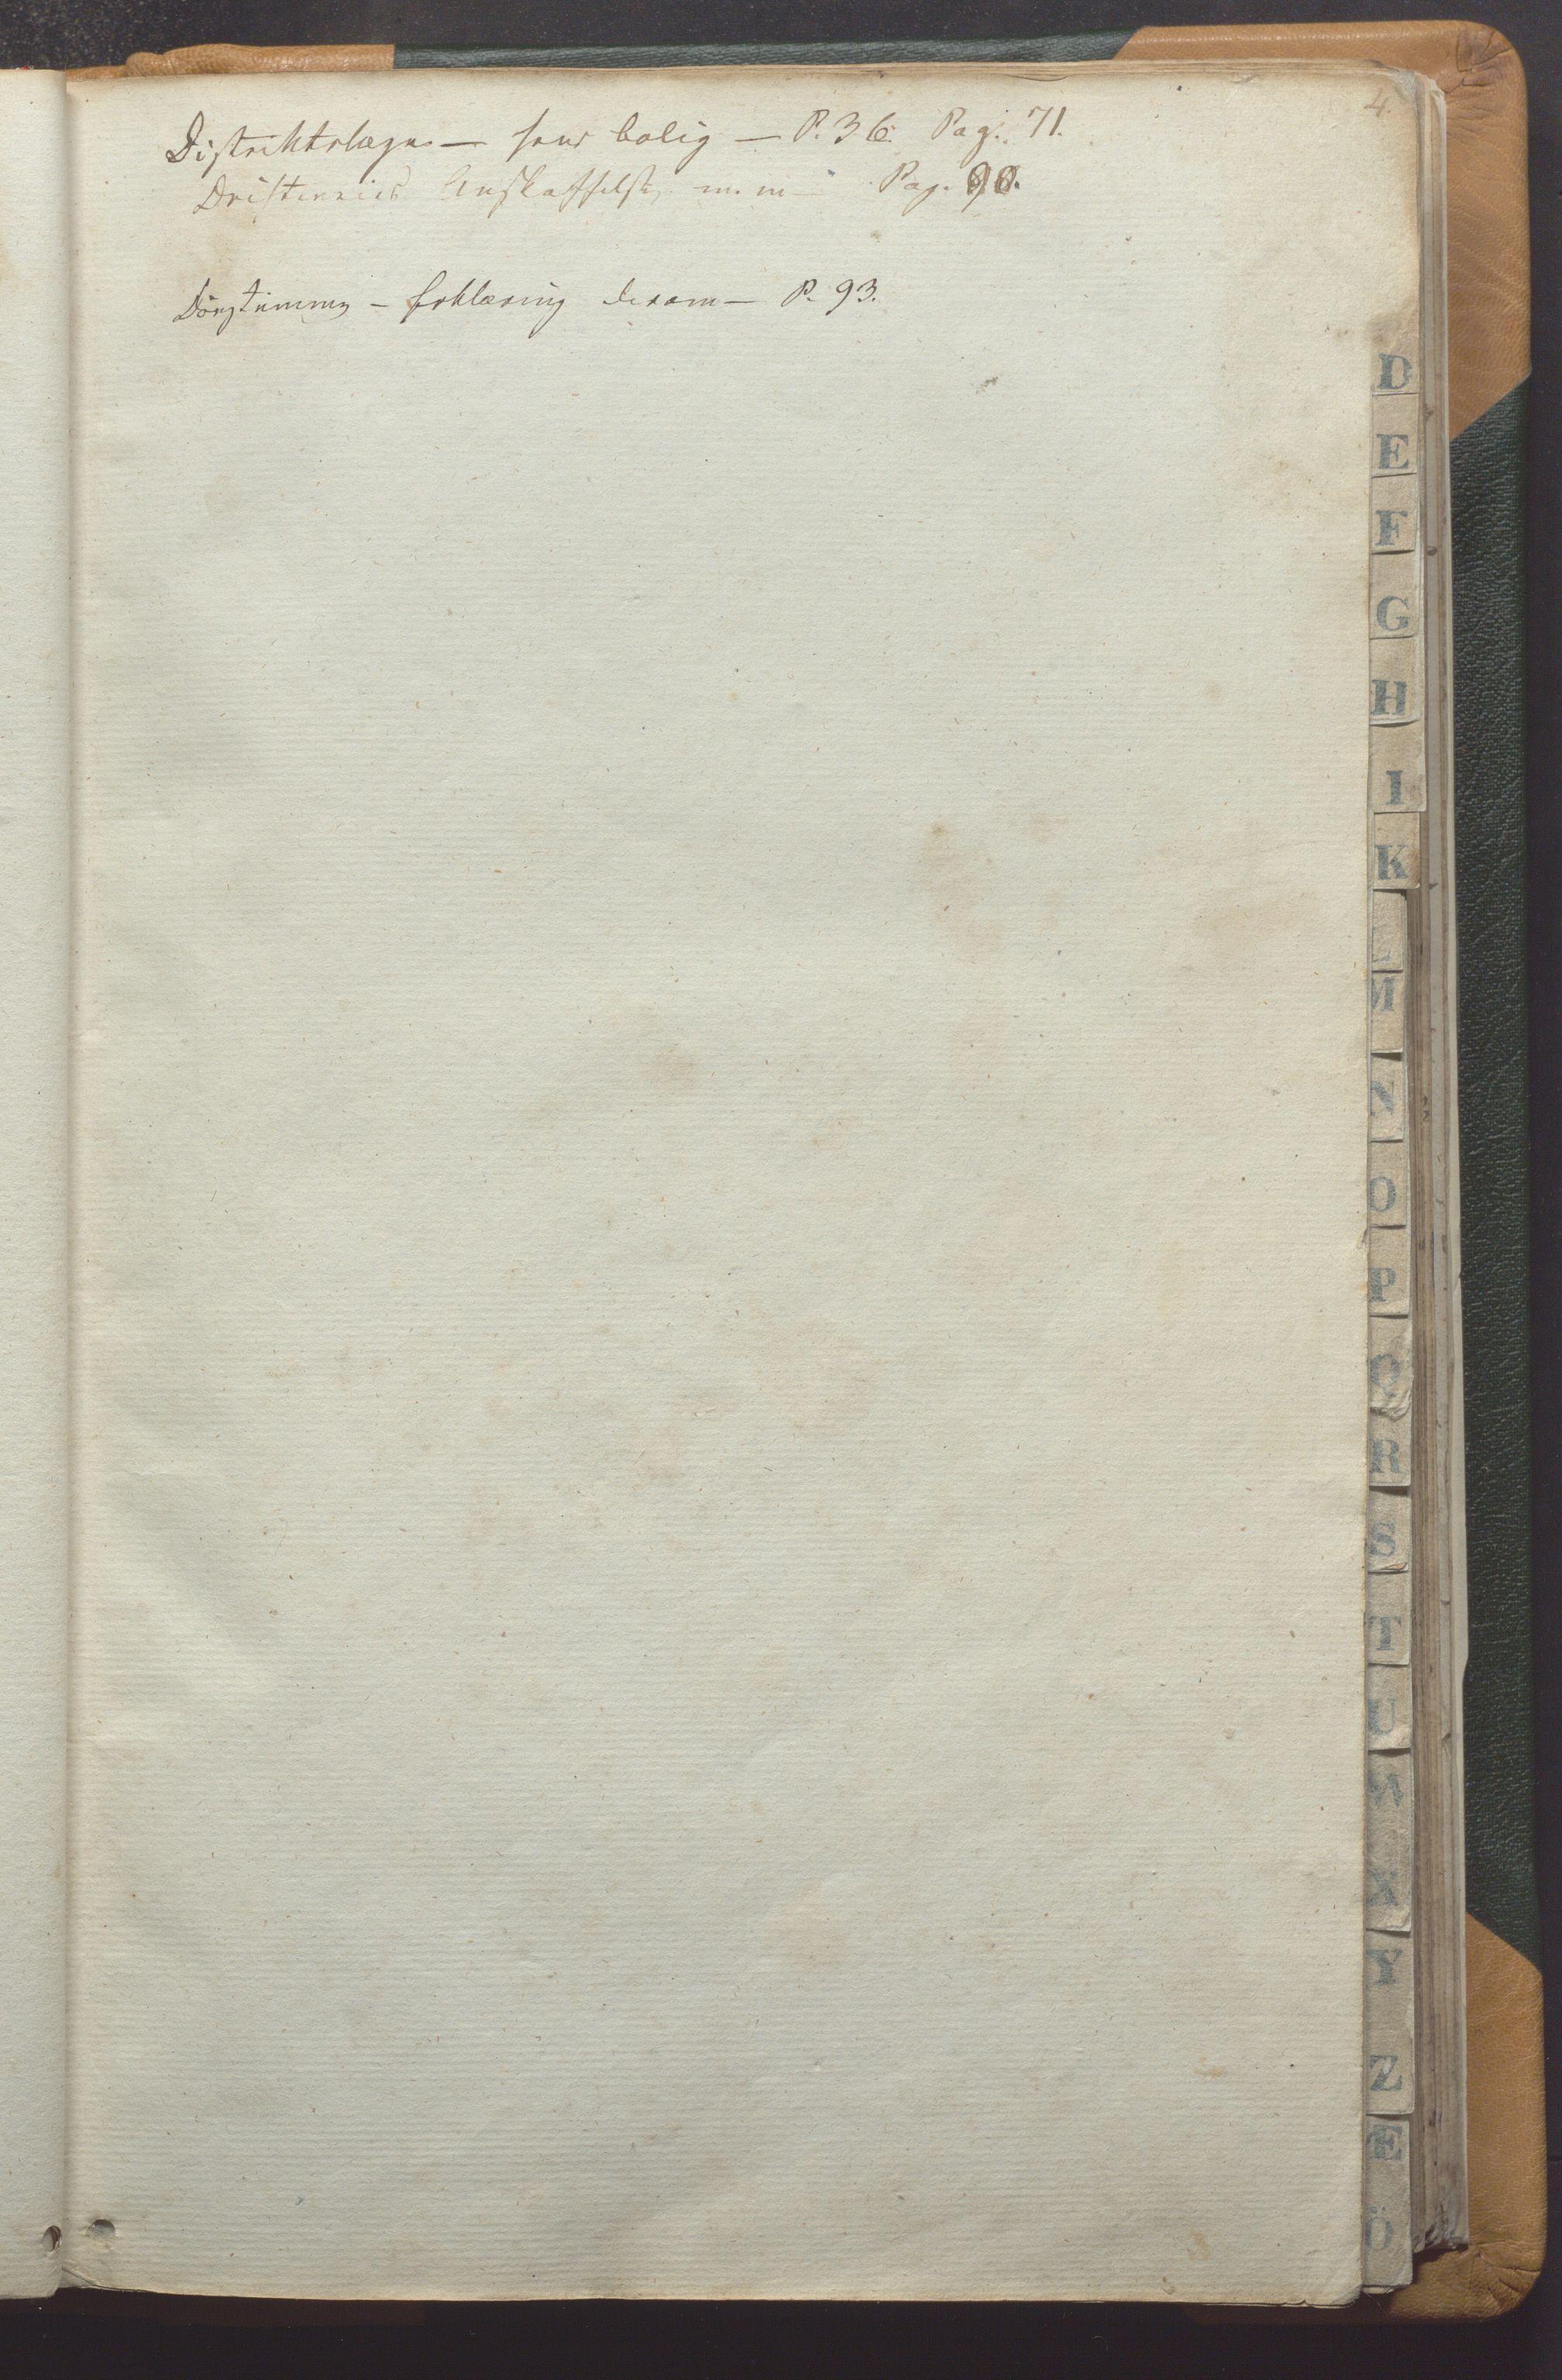 IKAR, Vikedal kommune - Formannskapet, Aaa/L0001: Møtebok, 1837-1874, s. 4